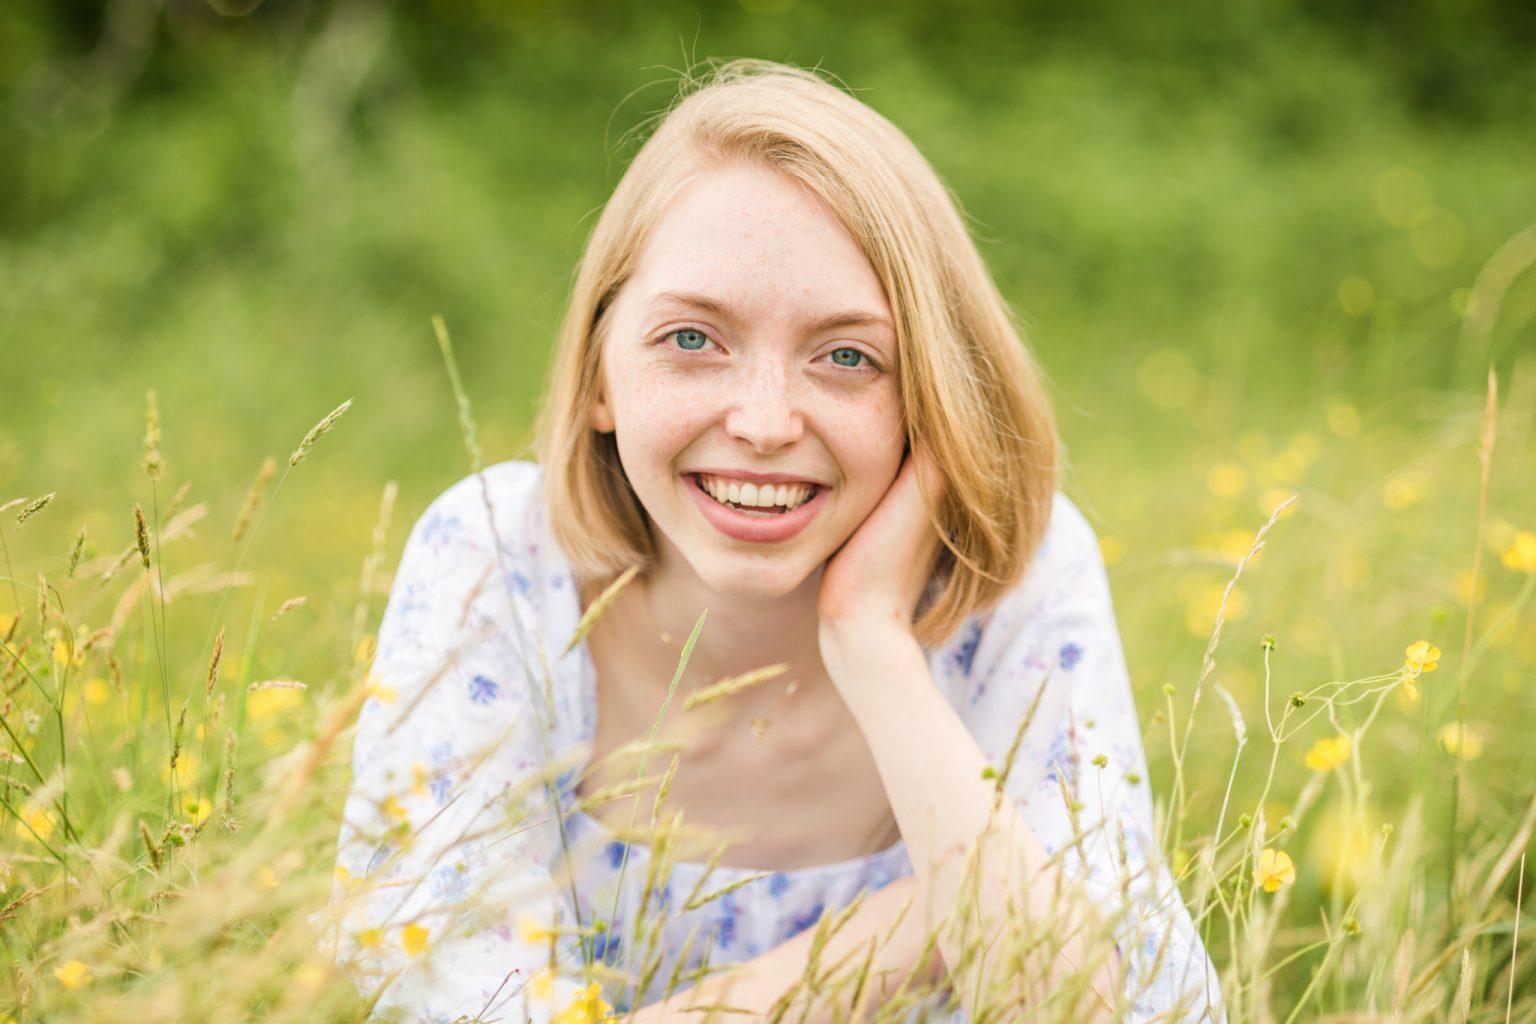 smiling blonde high school senior in field of wildflowers